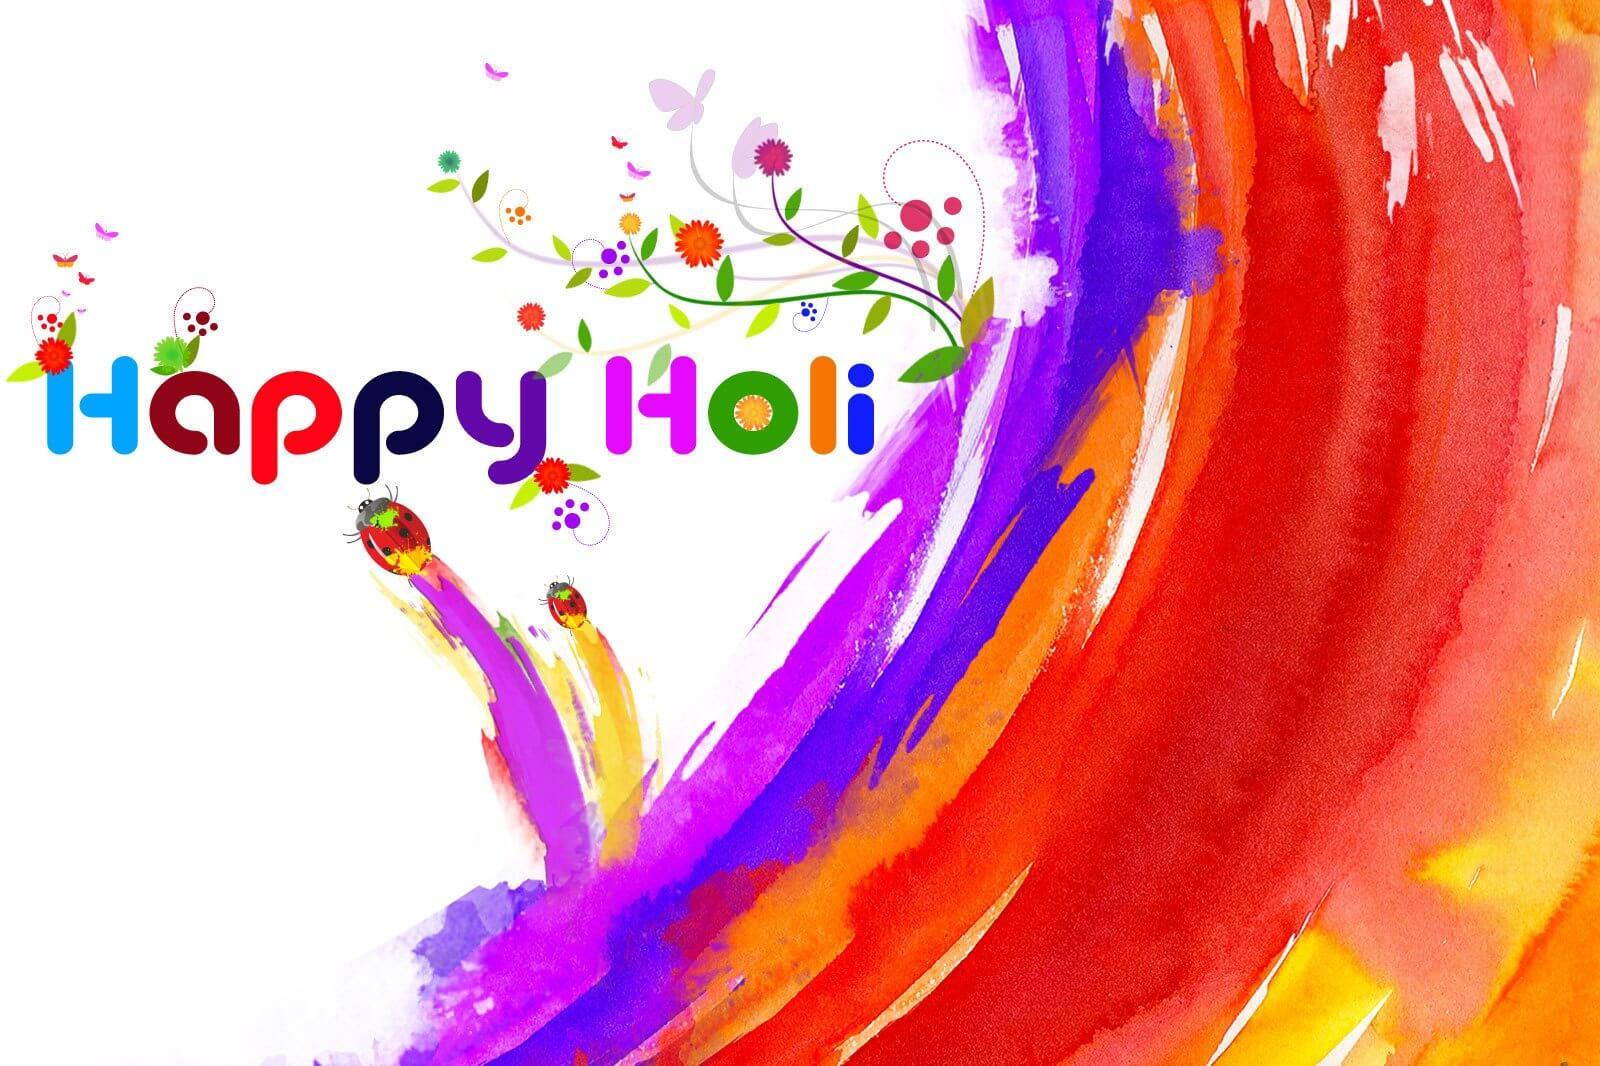 happy holi 2017 gift ideas